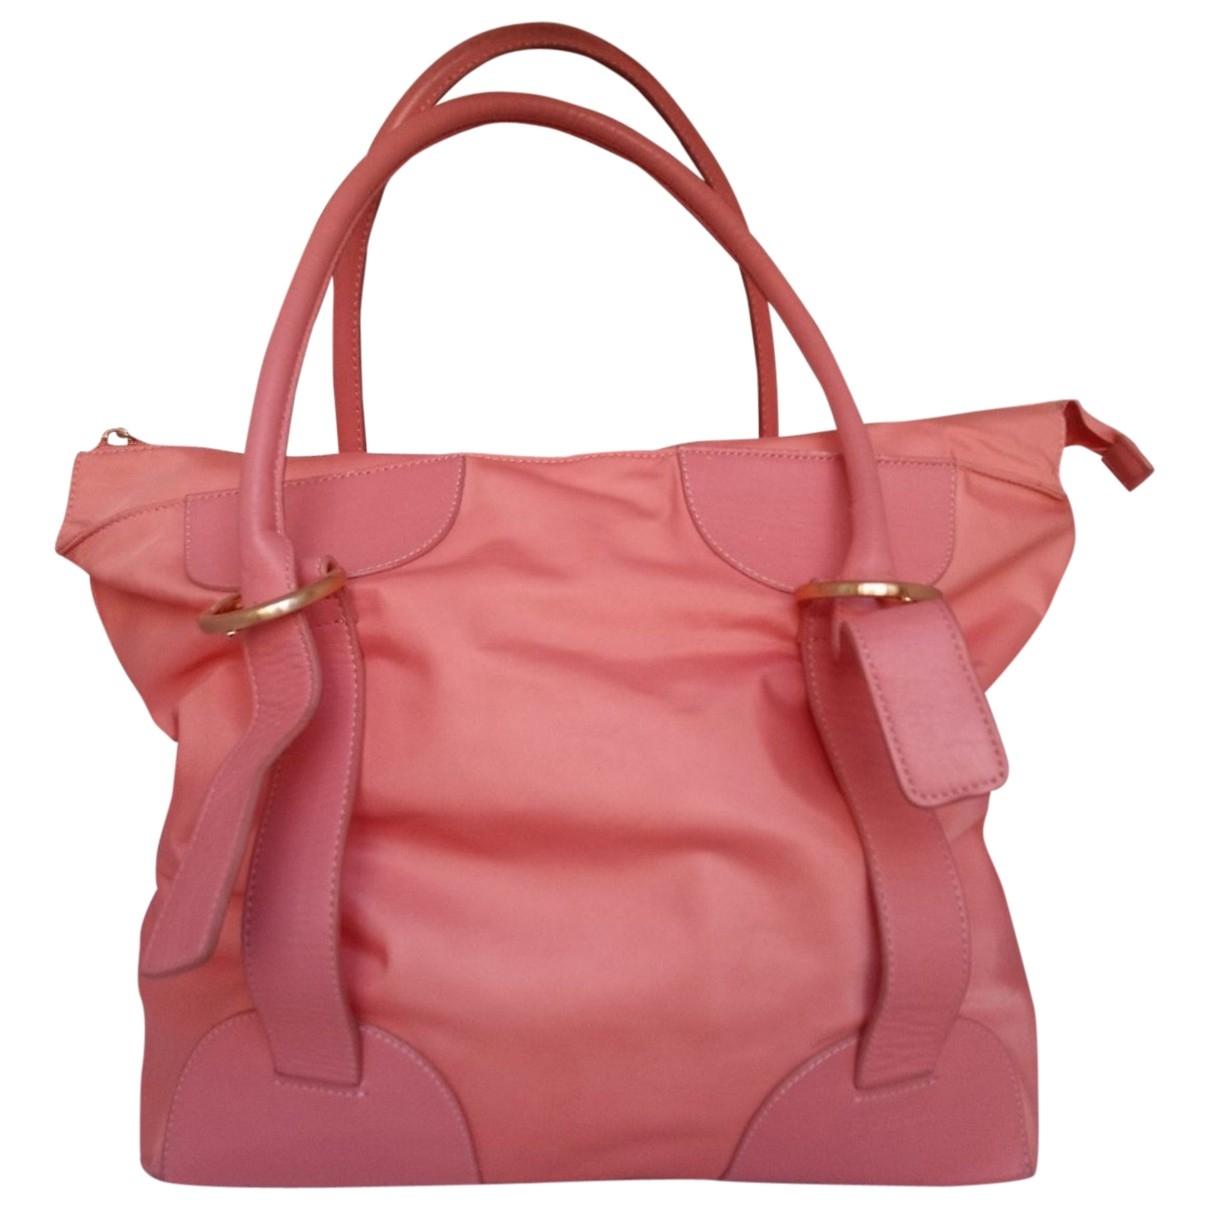 Furla \N Handtasche in  Rosa Leinen